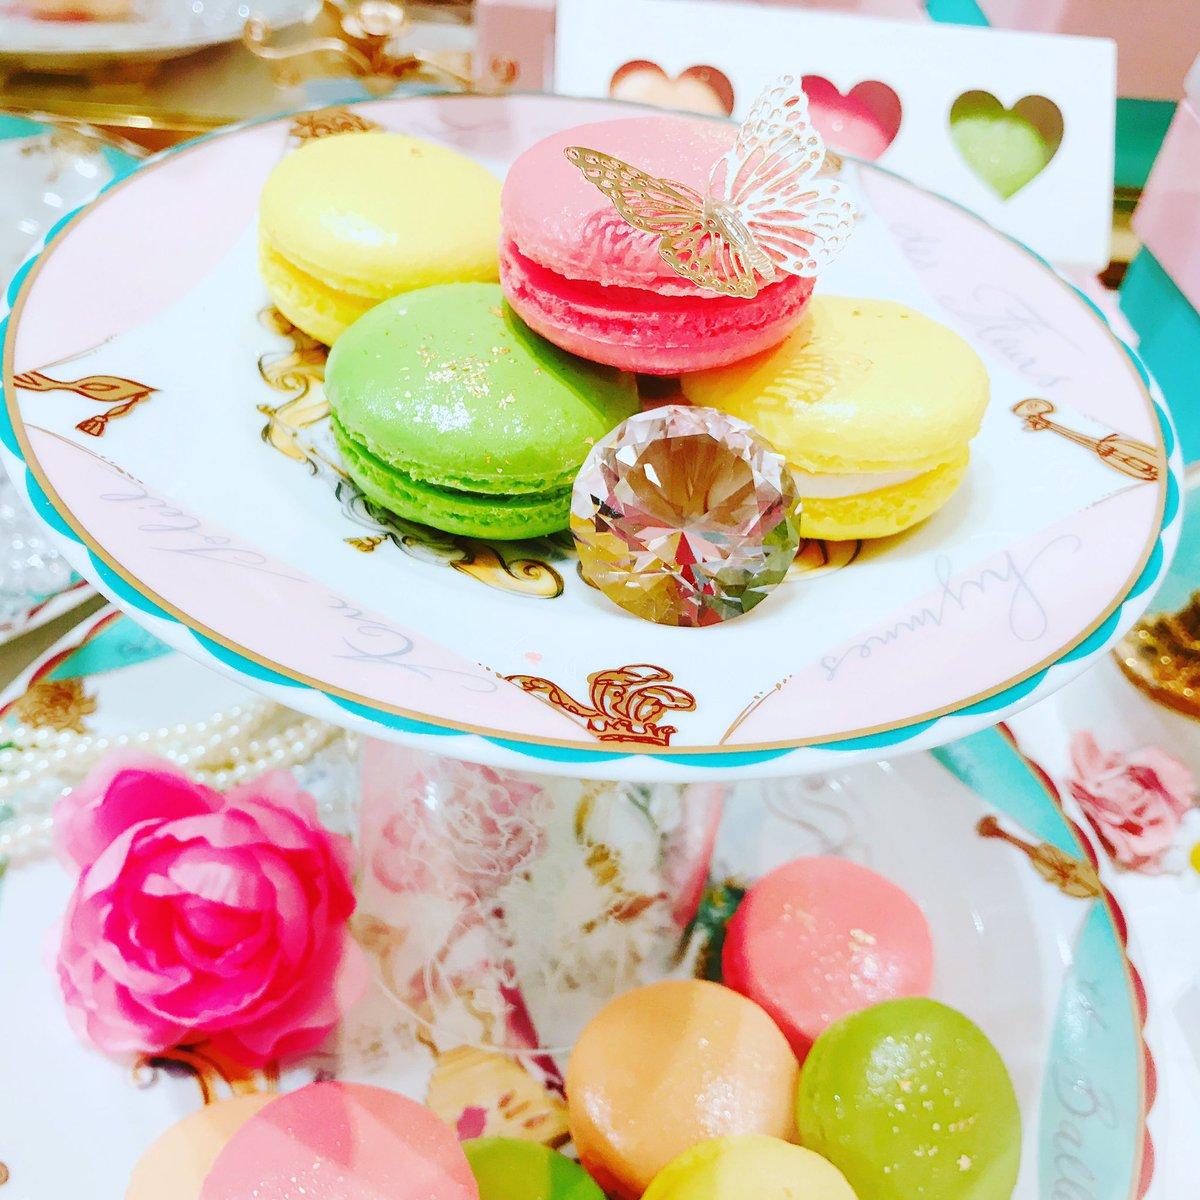 京都にある老舗和菓子屋 亀屋清永のカフェWonder Sweets KIYONAGAオススメ😌店内フォトジェニックだし、スイーツは和菓子と洋菓子のコラボ☺️めっちゃ美味しいよ😳